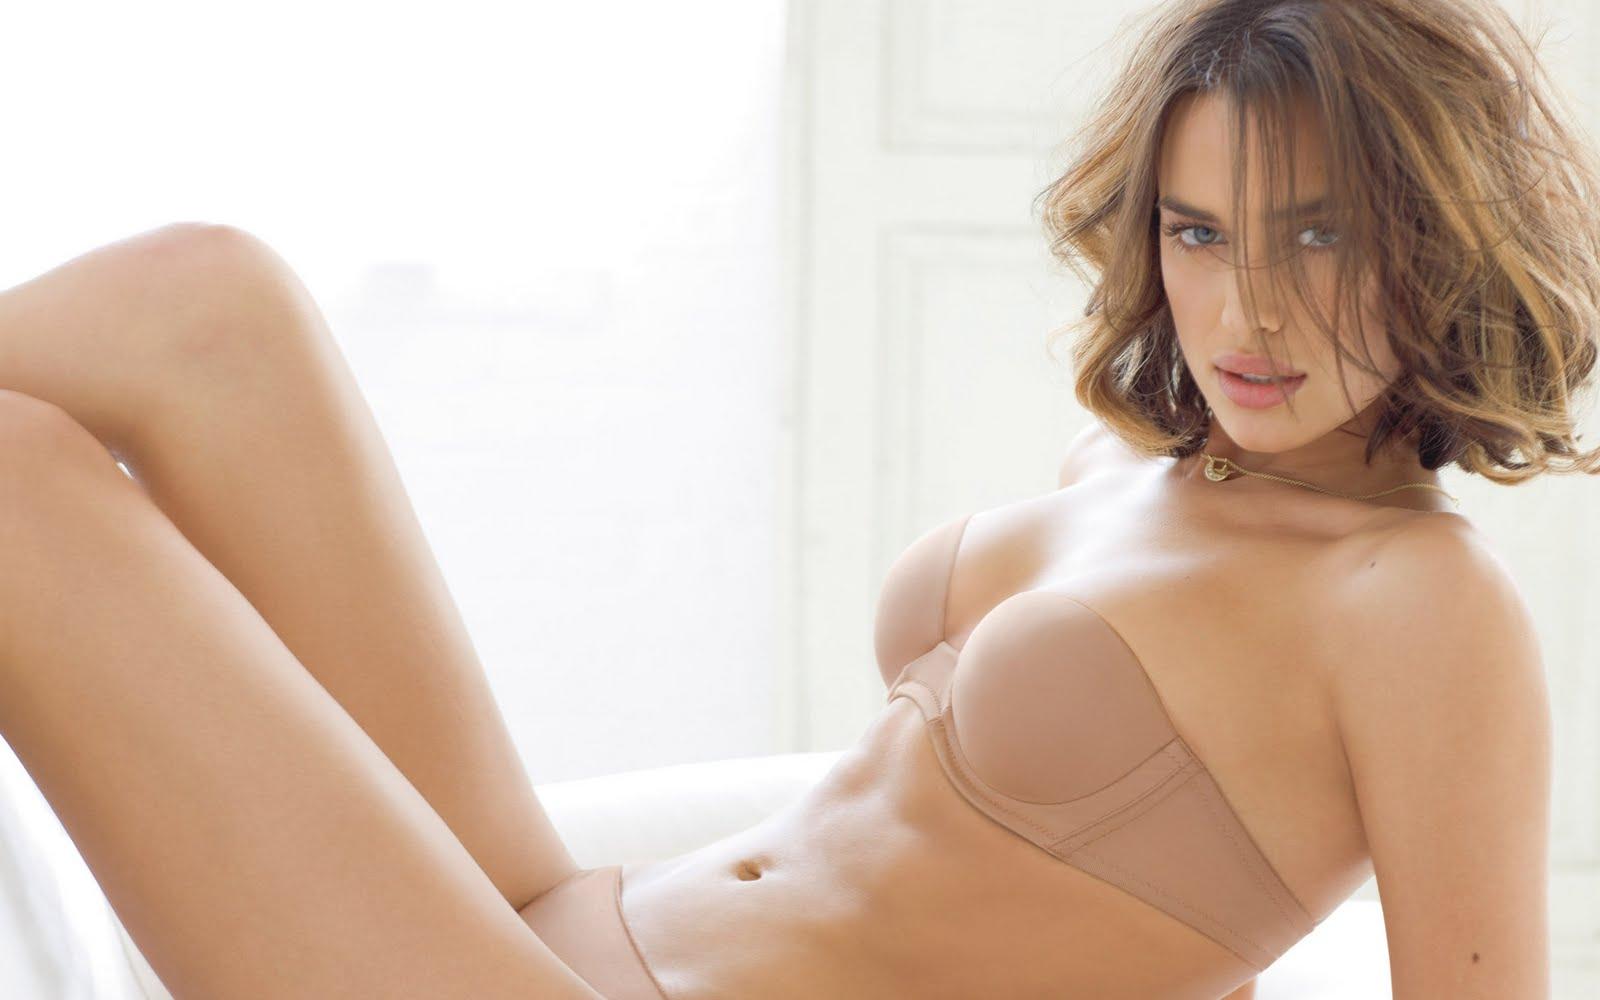 http://4.bp.blogspot.com/-NcylCr-Bm6k/TfDOdMl_VwI/AAAAAAAAA6w/G6dbJMaIRvw/s1600/sexy-irina-shayk-wallpapers-1920x1200-32.jpg